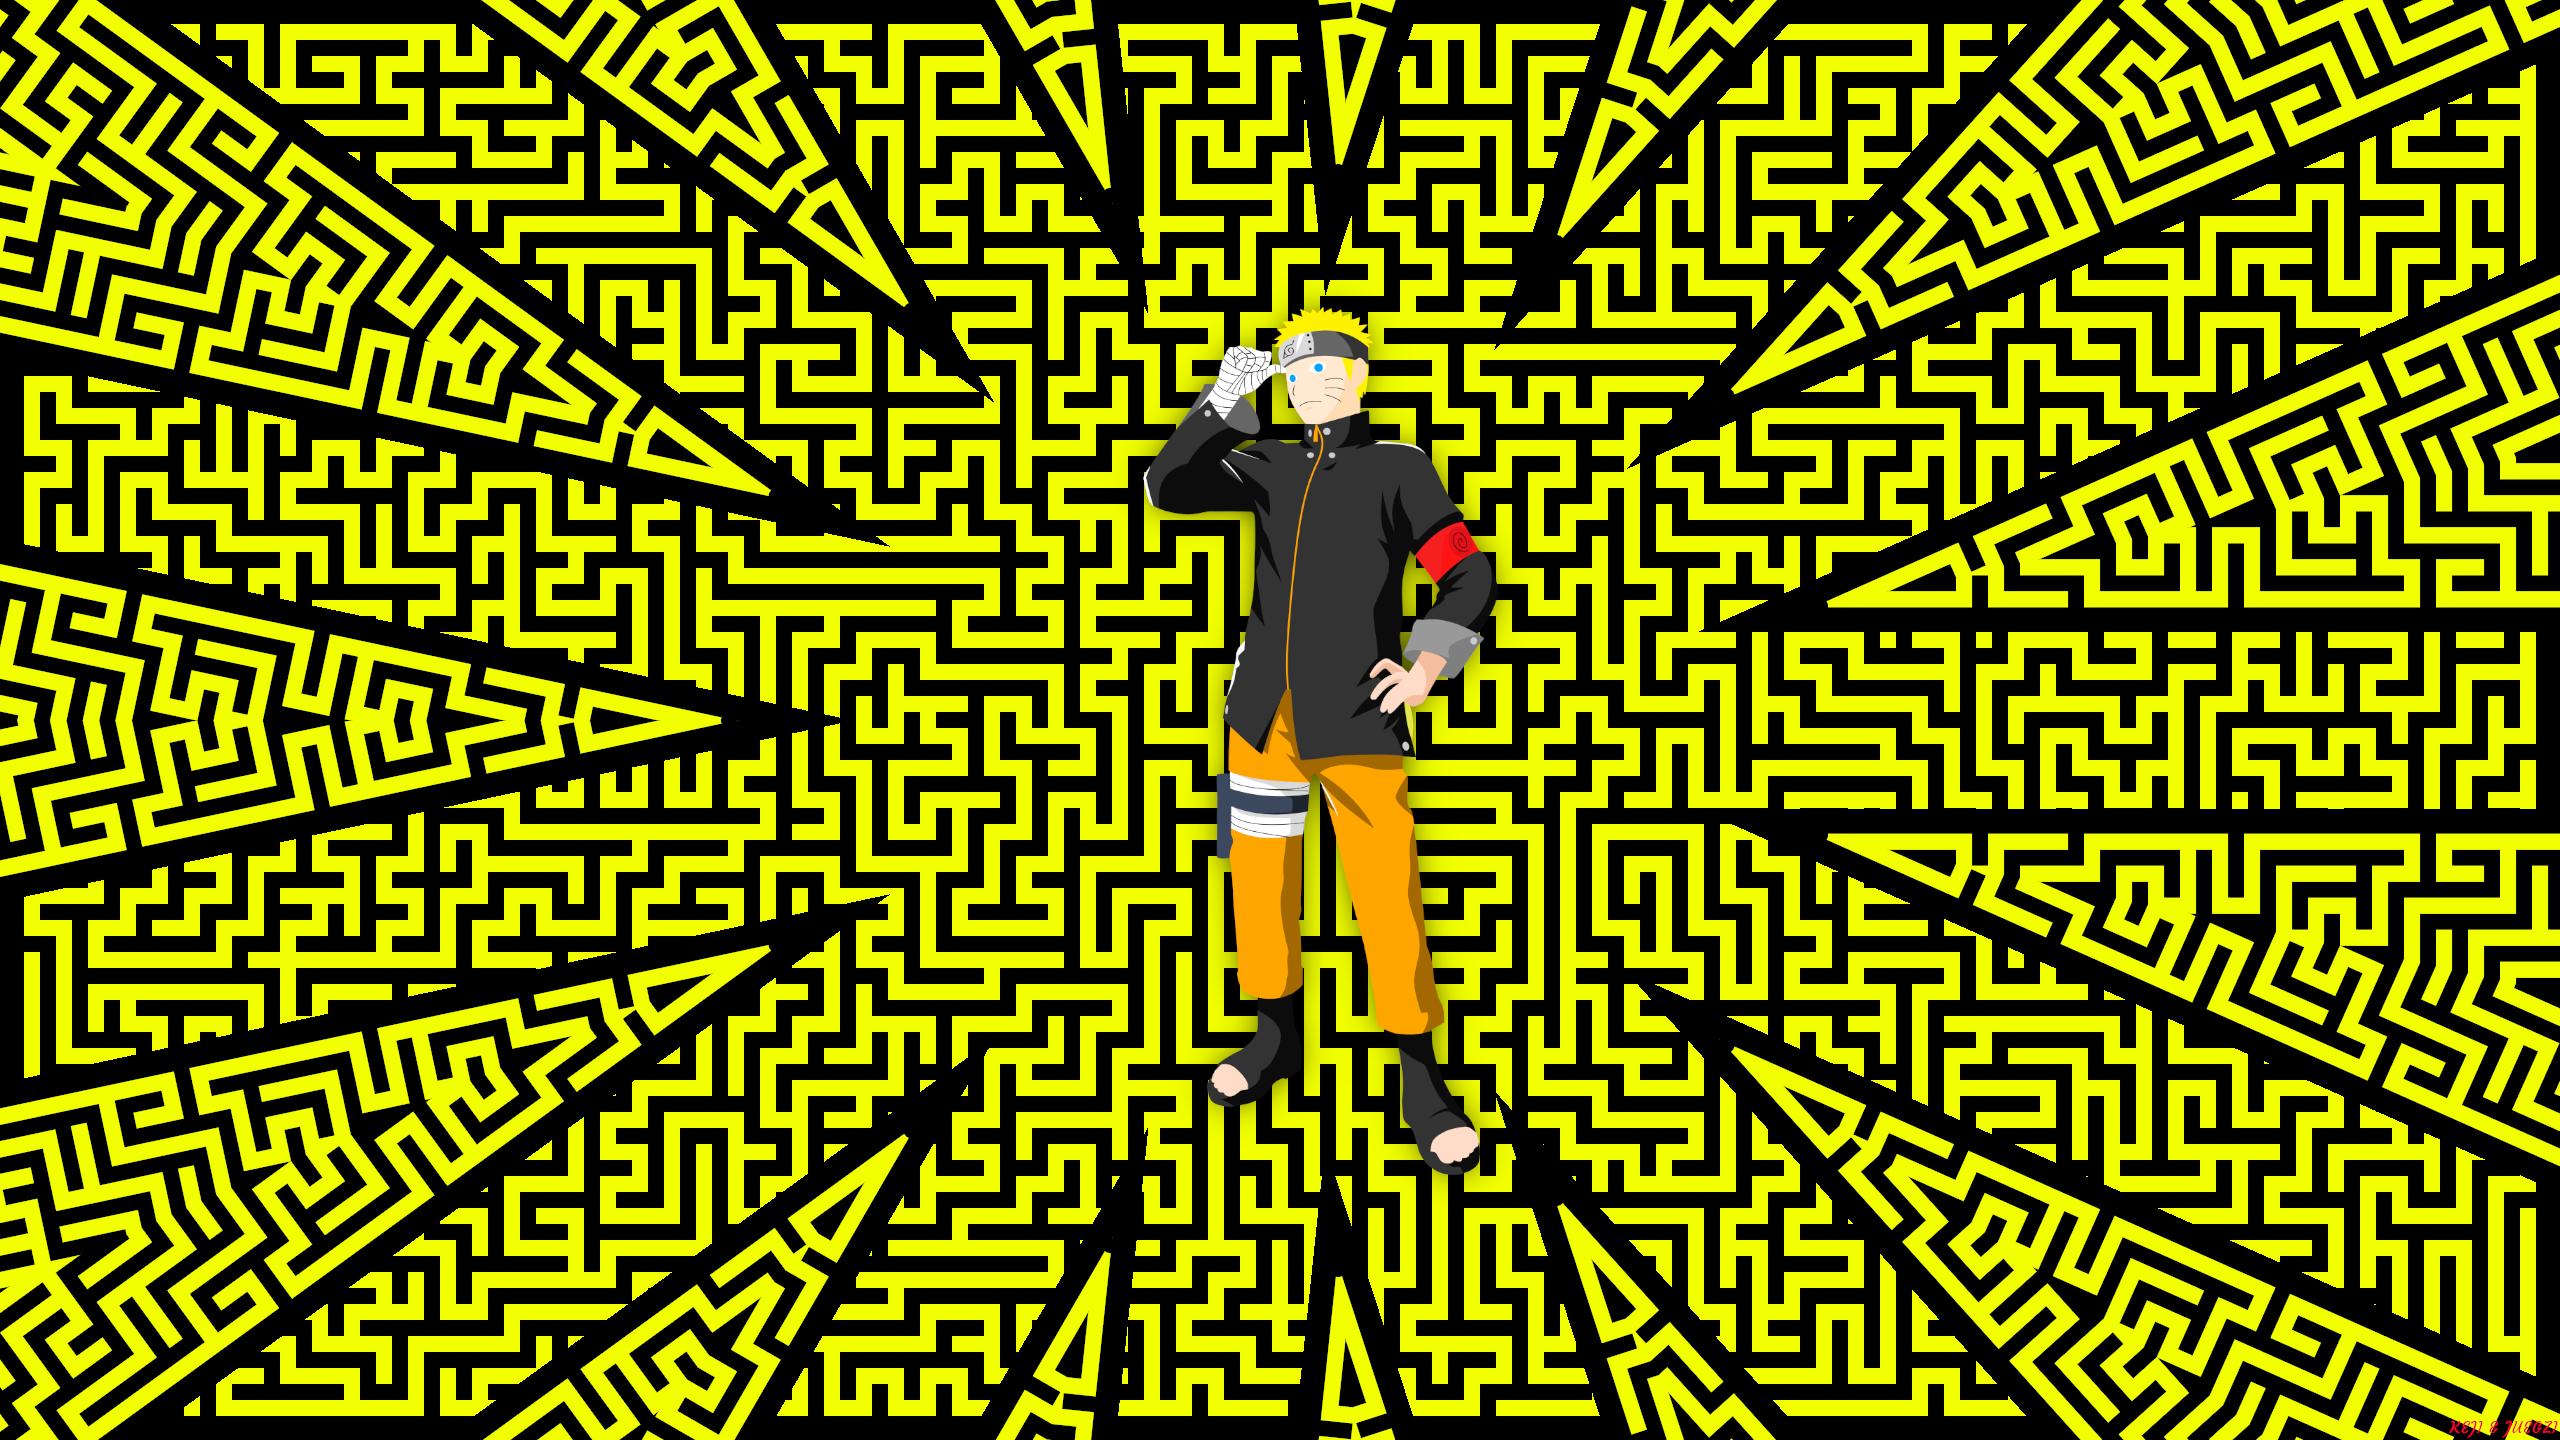 Pattern Digital Art Naruto Naruto Uzumaki Boruto Anime Yellow 2560x1440